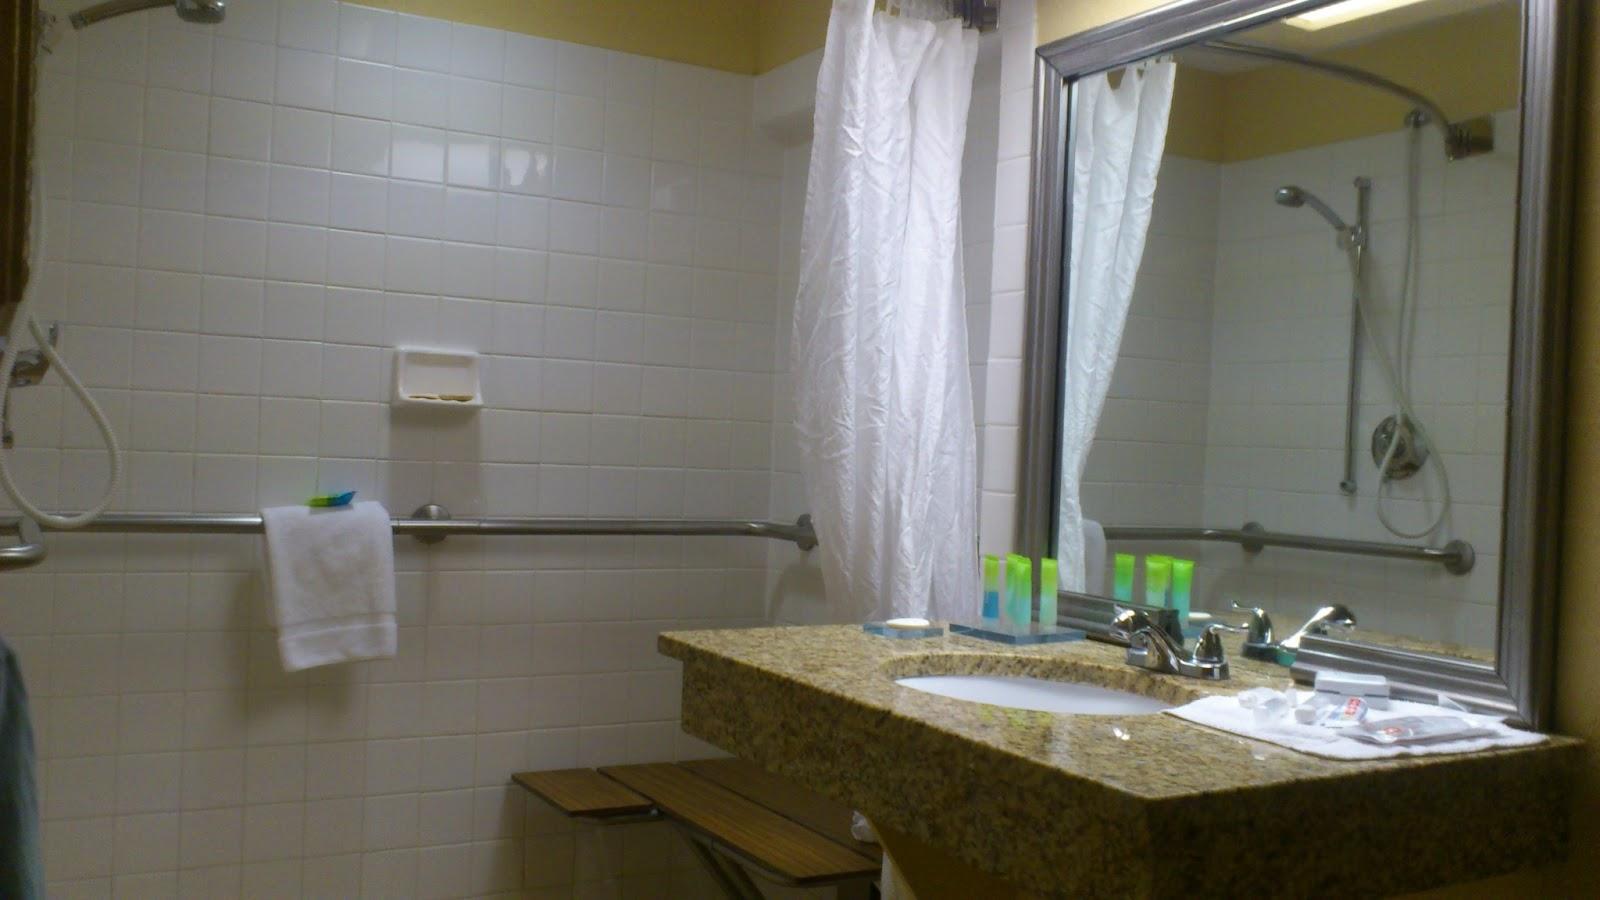 Banheiro bem adaptado mas o banco é de madeira #332D16 1600x900 Banheiro Adaptado Para Cadeirante